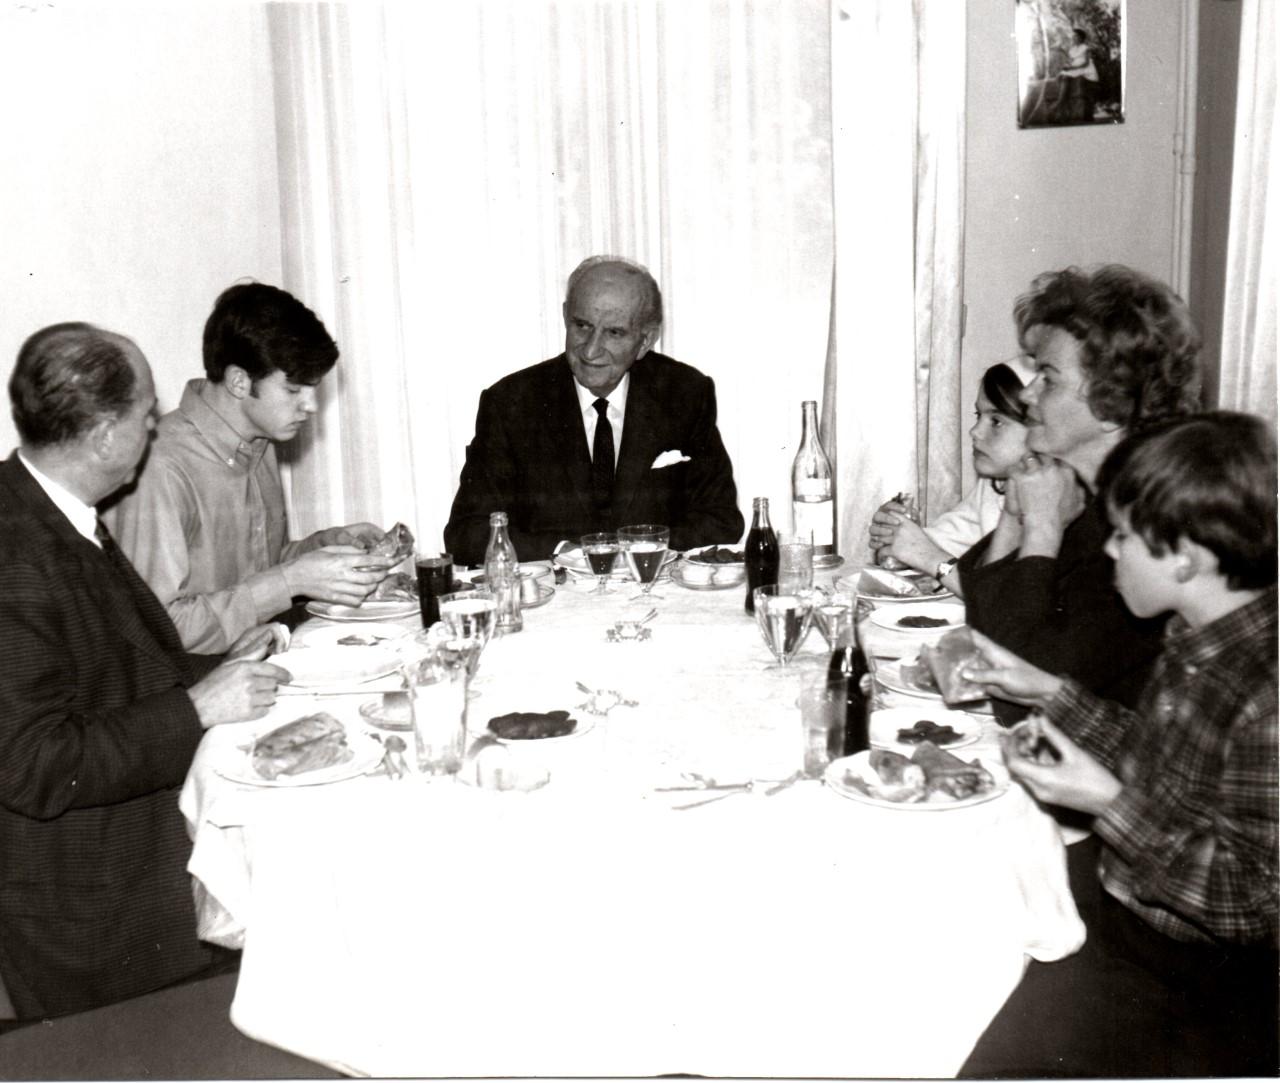 Η οικογένεια Παπανδρέου έτρωγε σουβλάκια στο γιορτινό τραπέζι